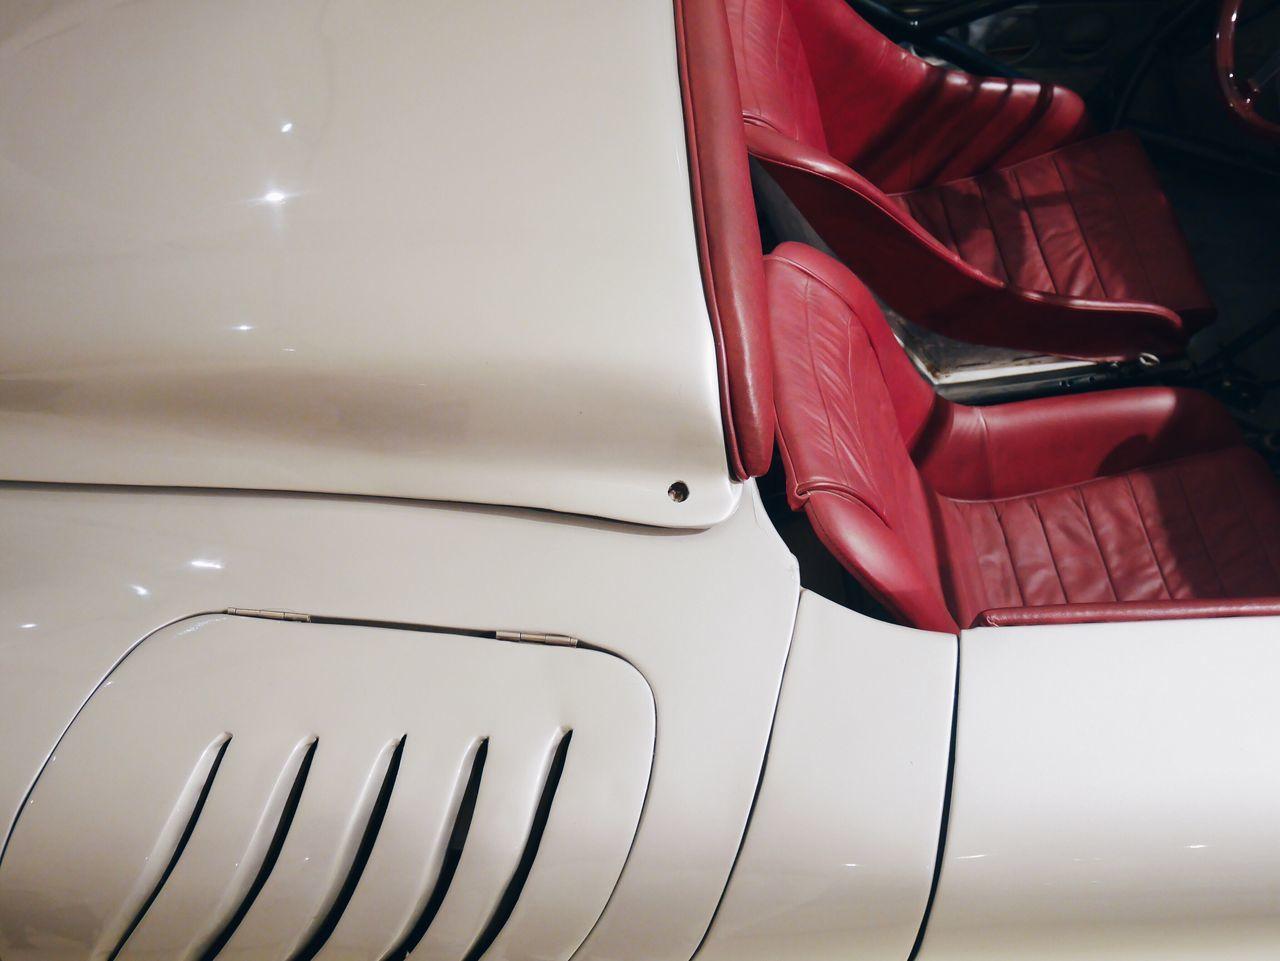 Full frame shot of white vintage car